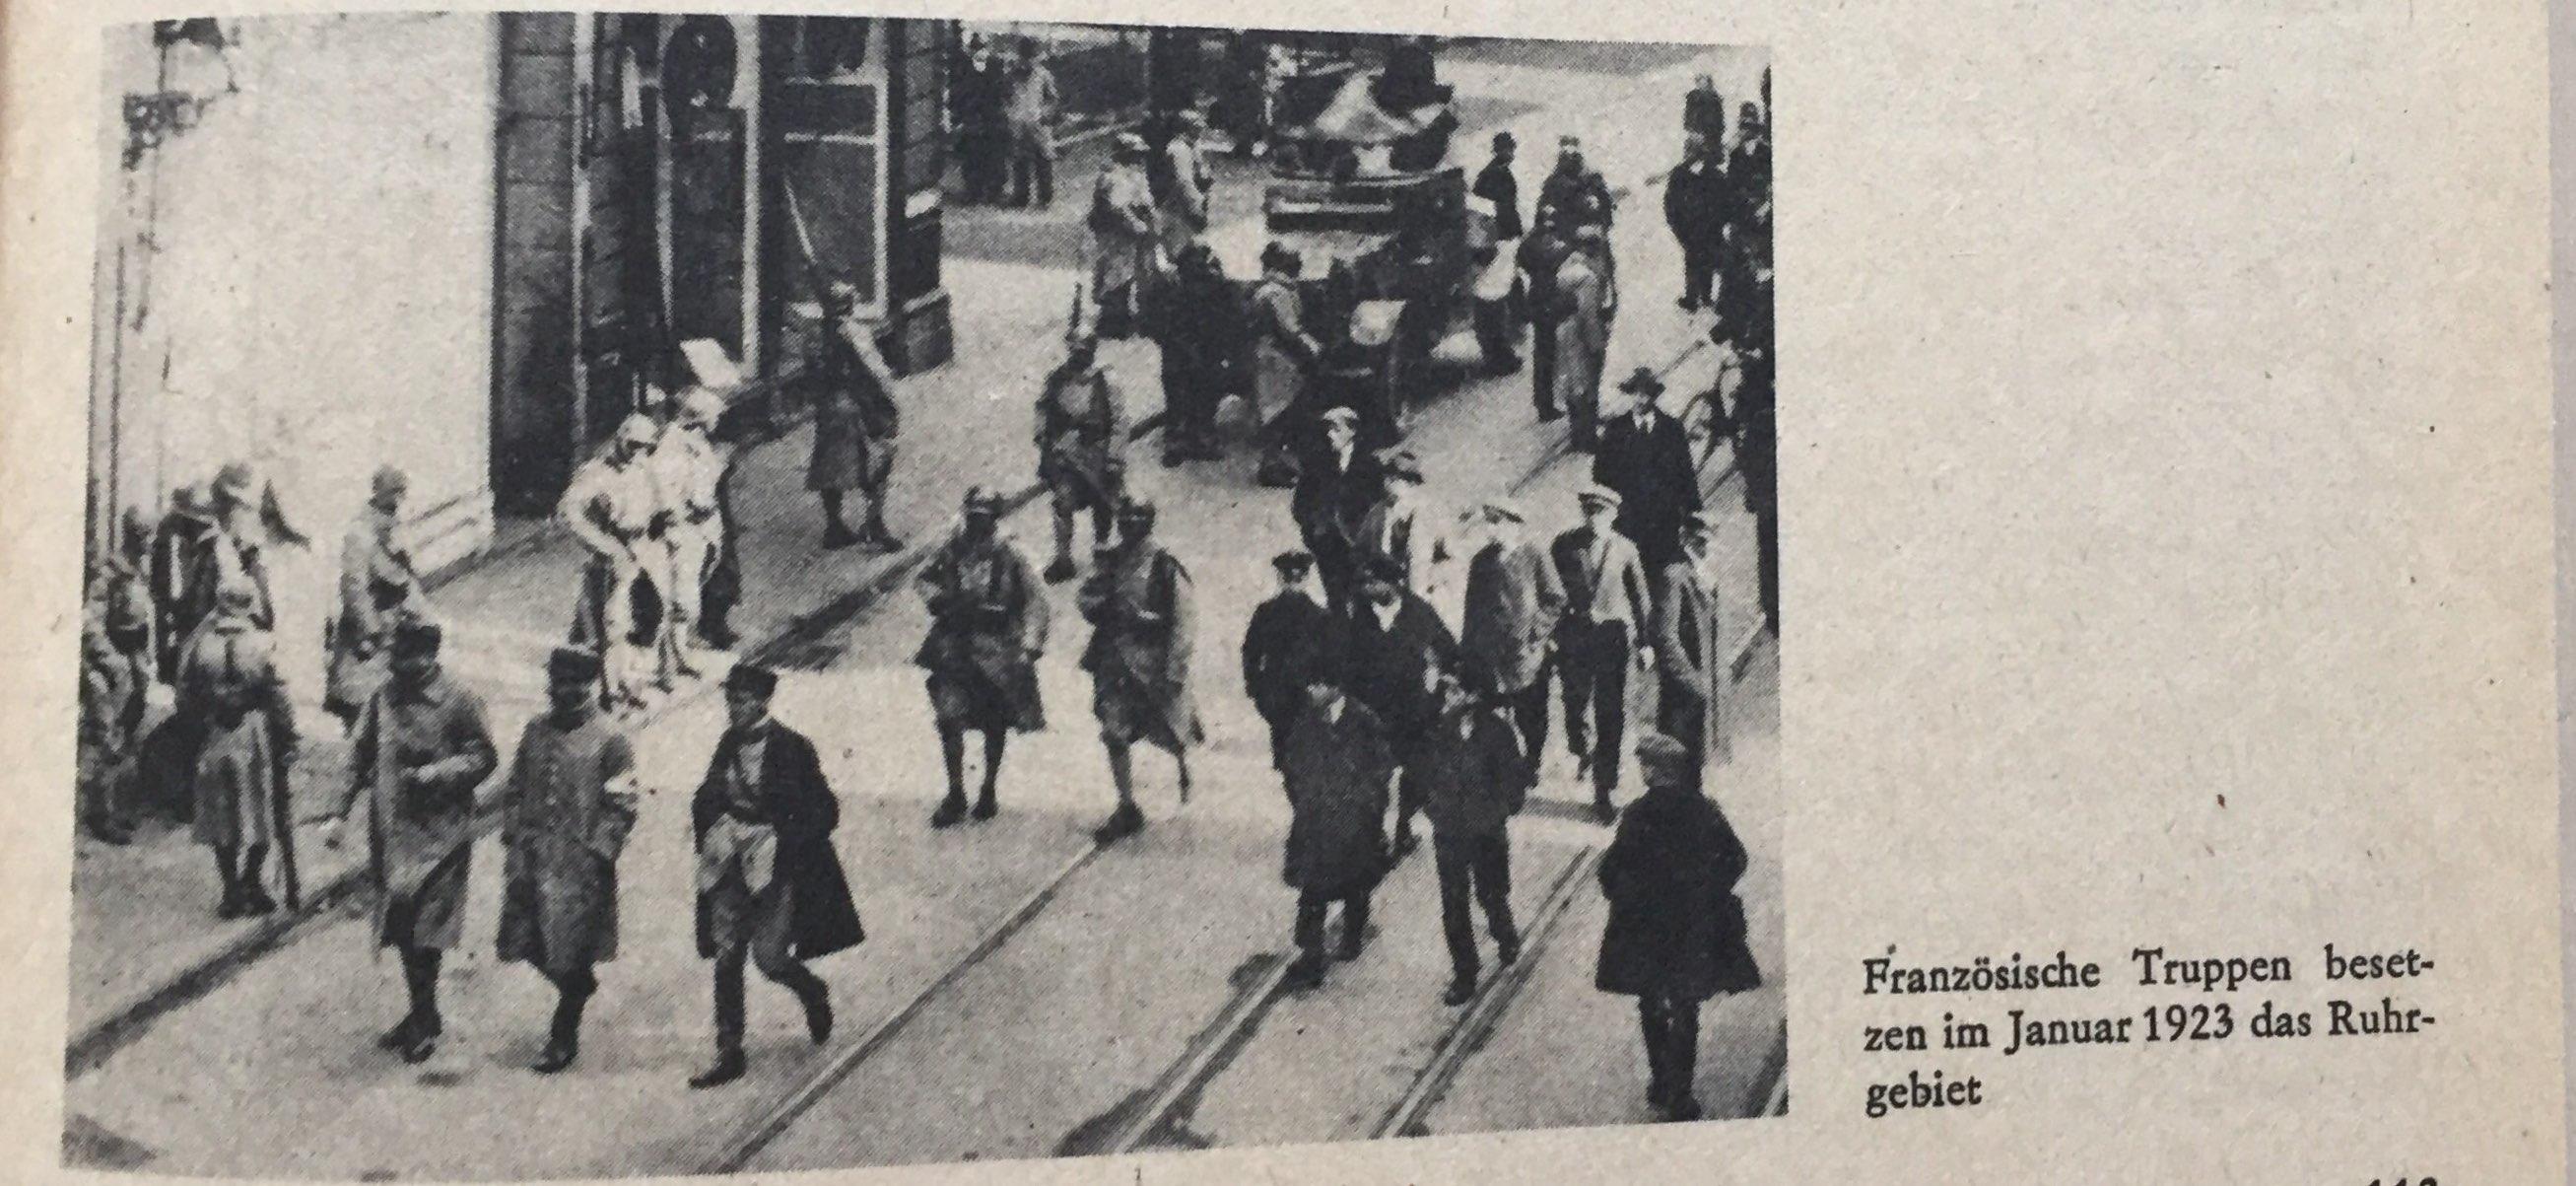 Franzosen besetzen Ruhrgebiet